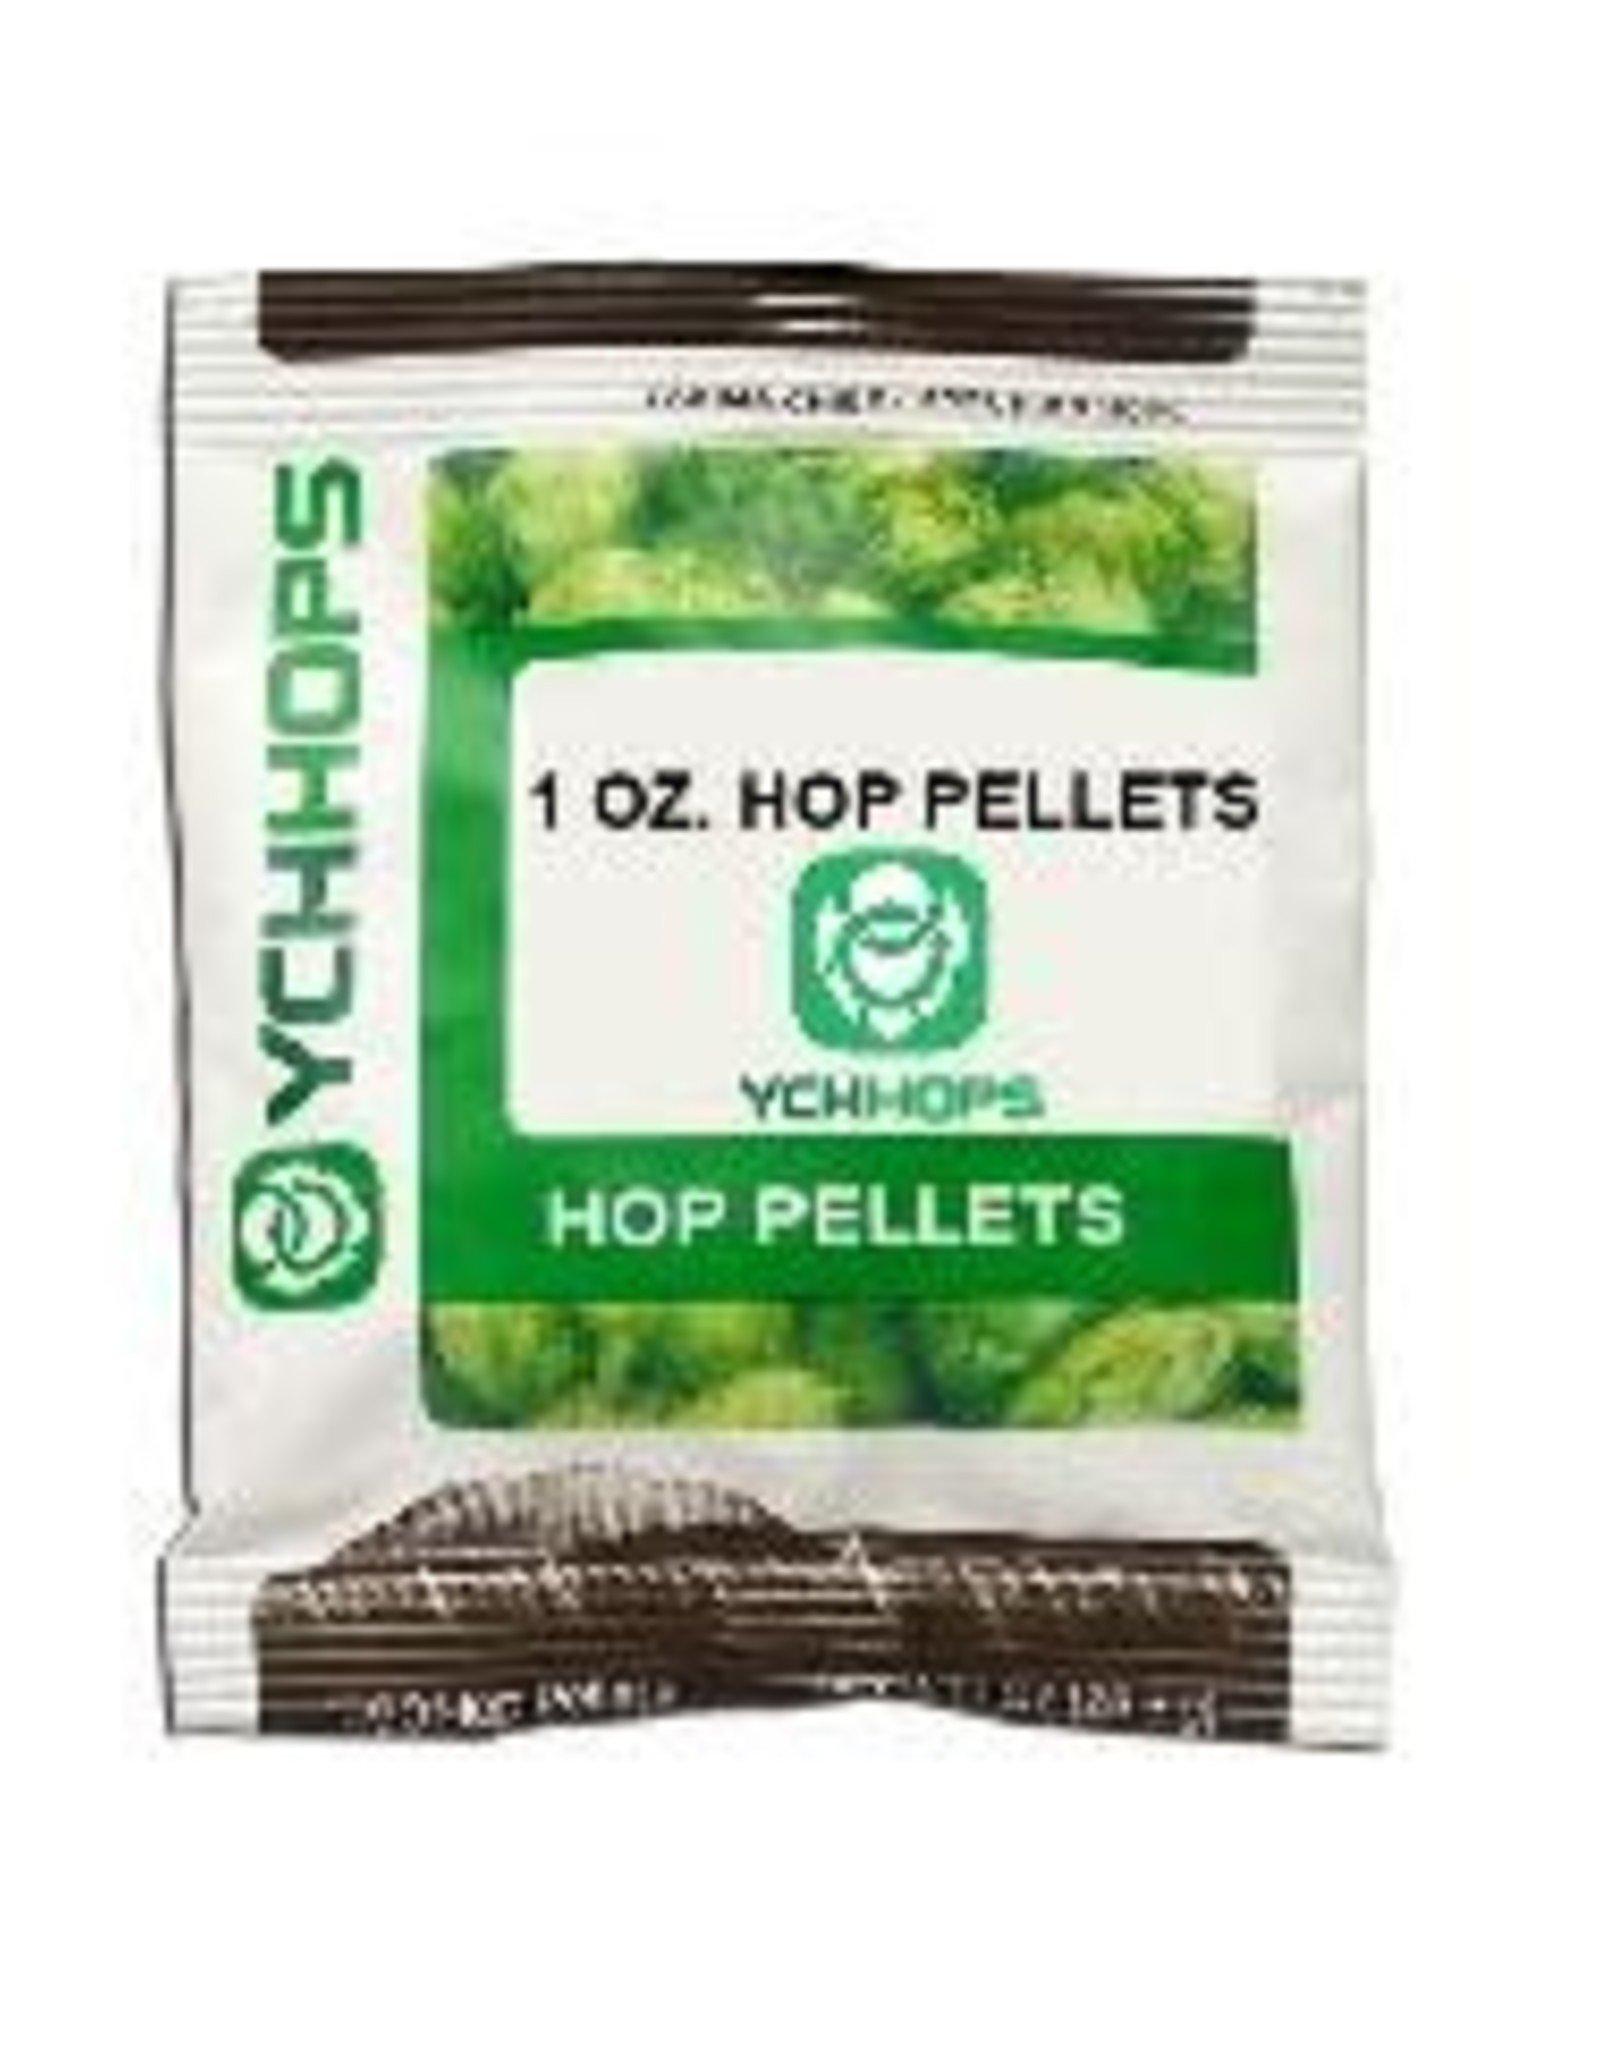 COMET HOP PELLETS Hop Pellets- 1 oz.